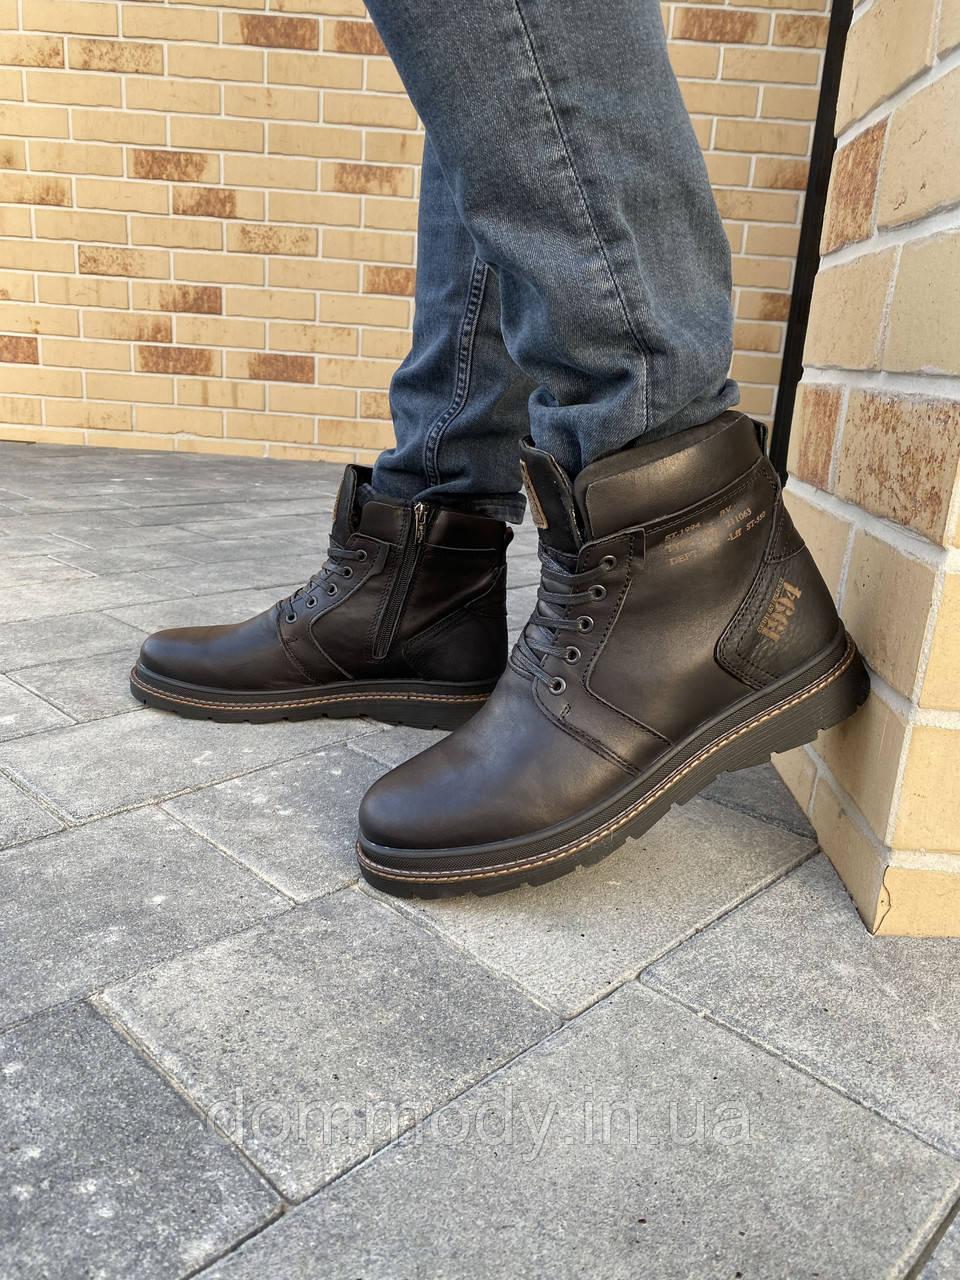 Черные ботинки мужские на зиму